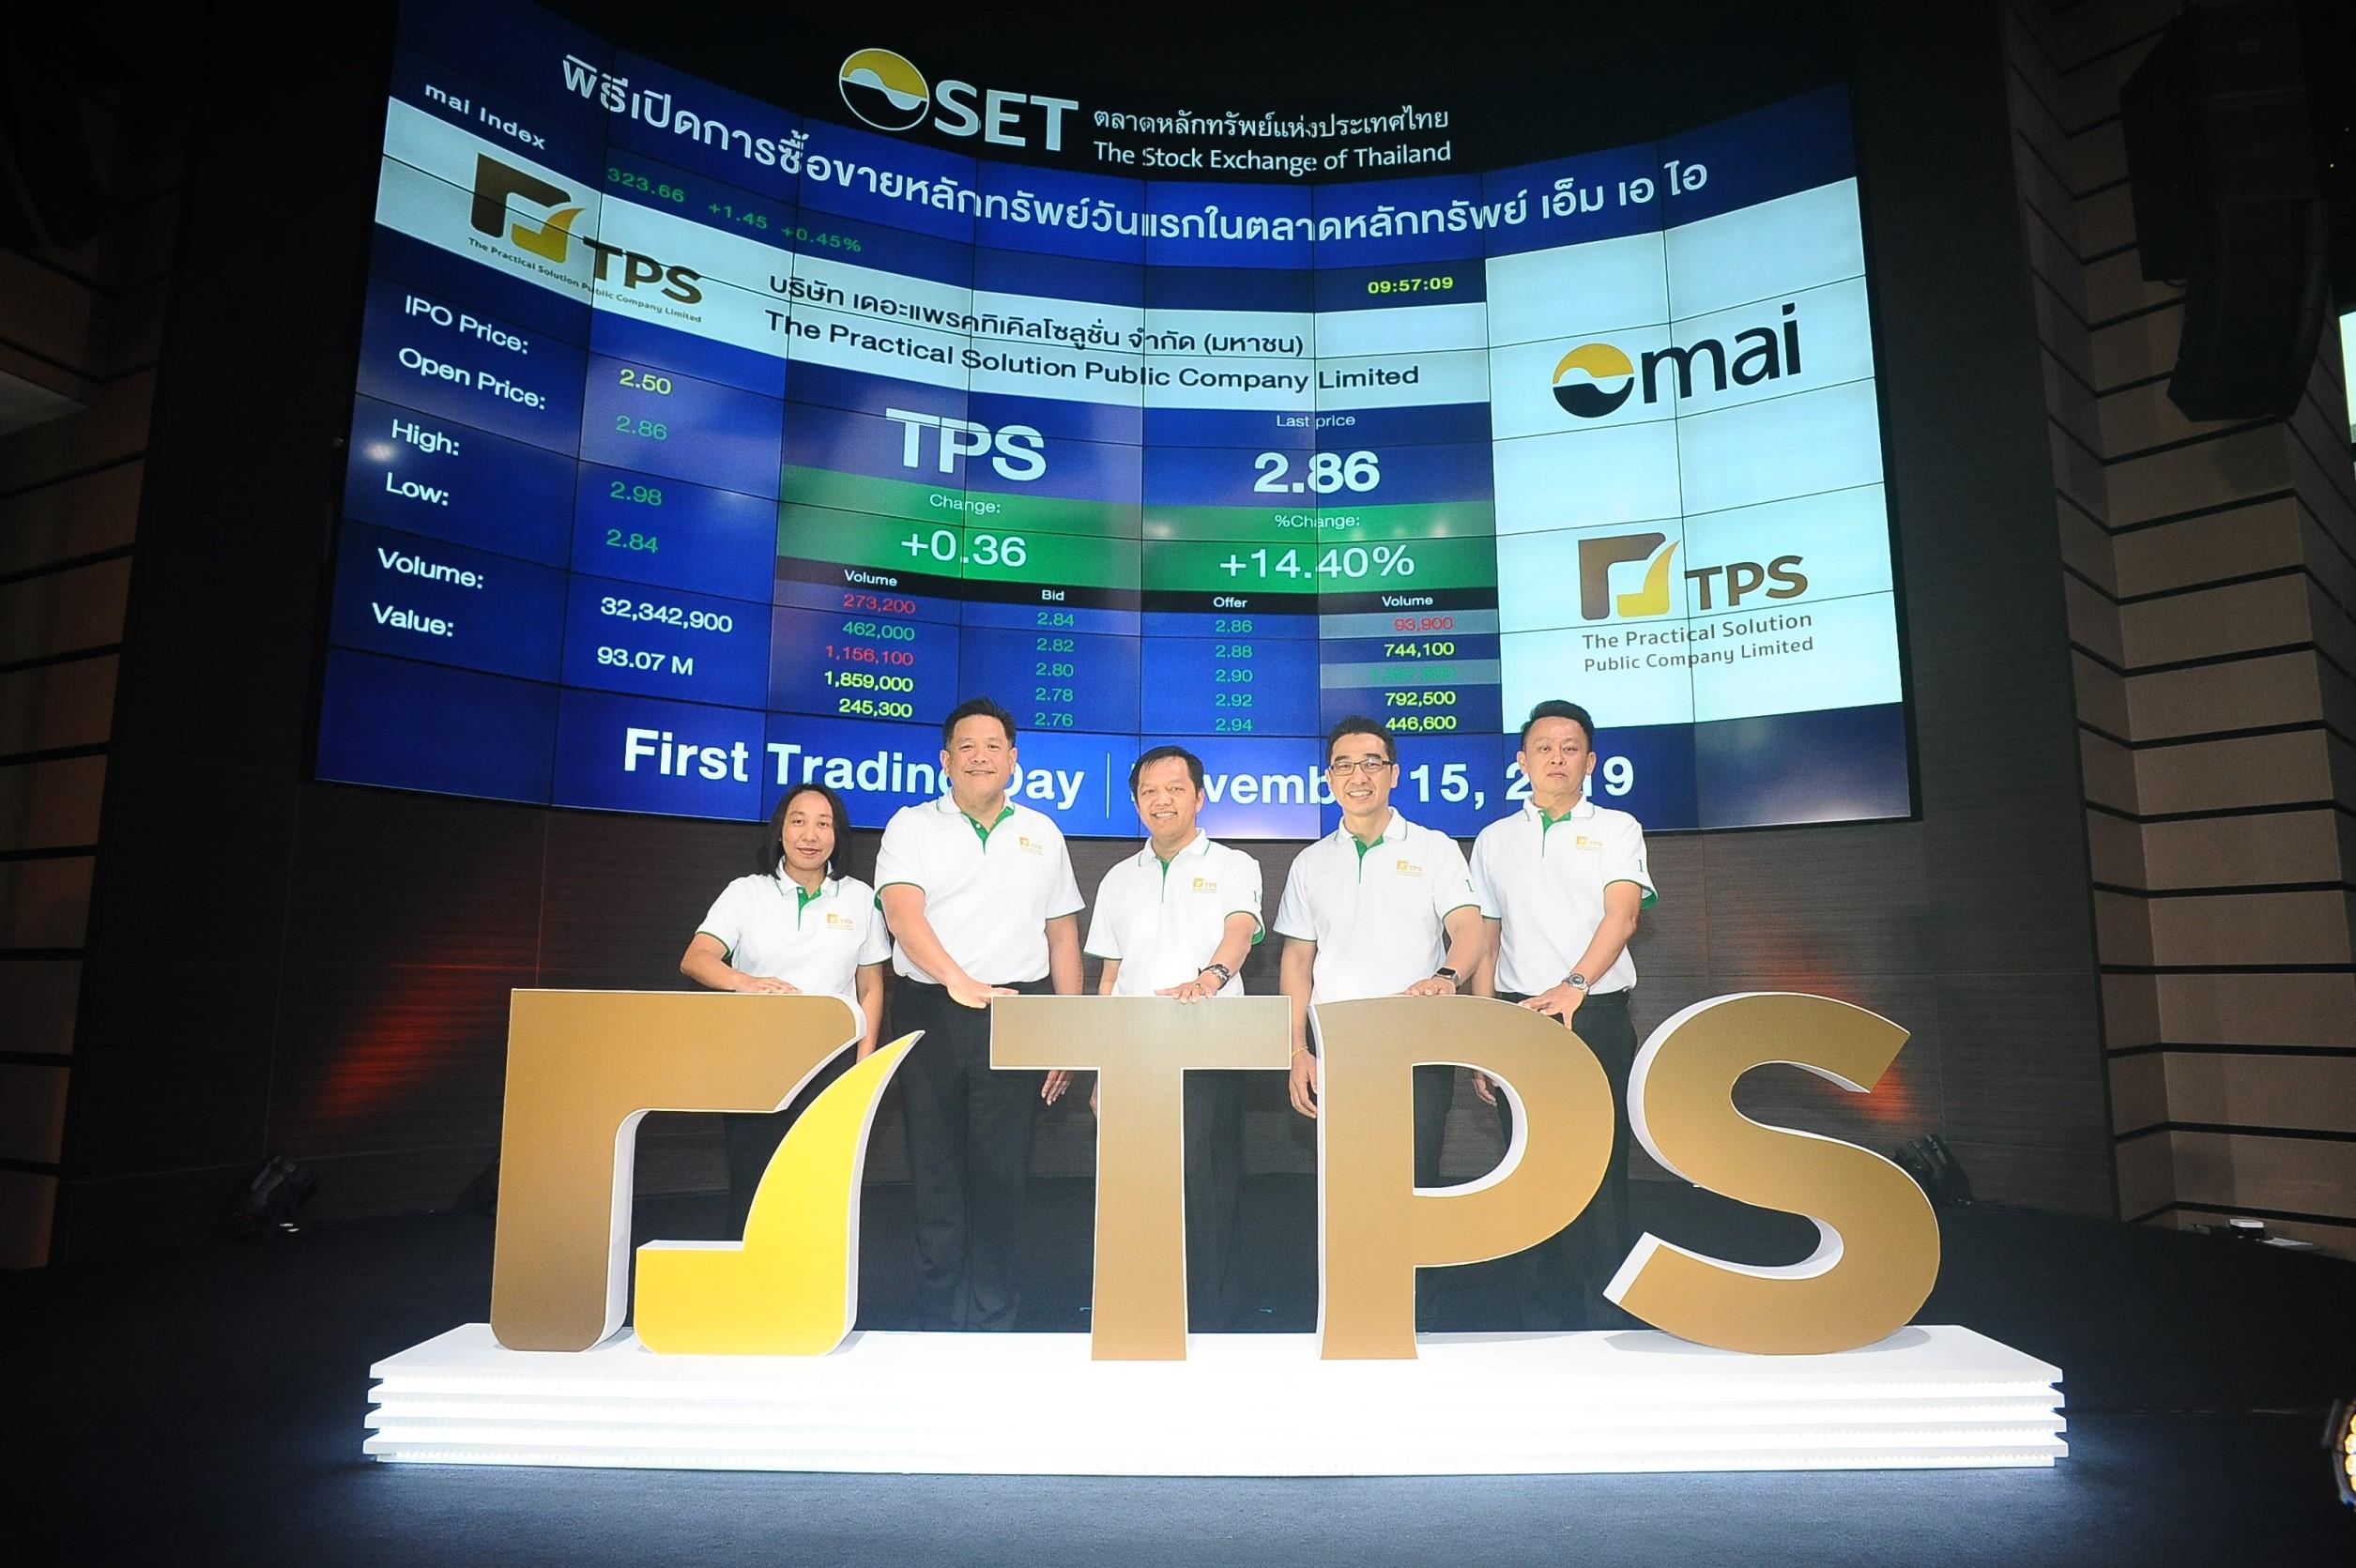 TPS เปิดเทรดวันแรกราคาพุ่งเหนือจอง 14.40 %